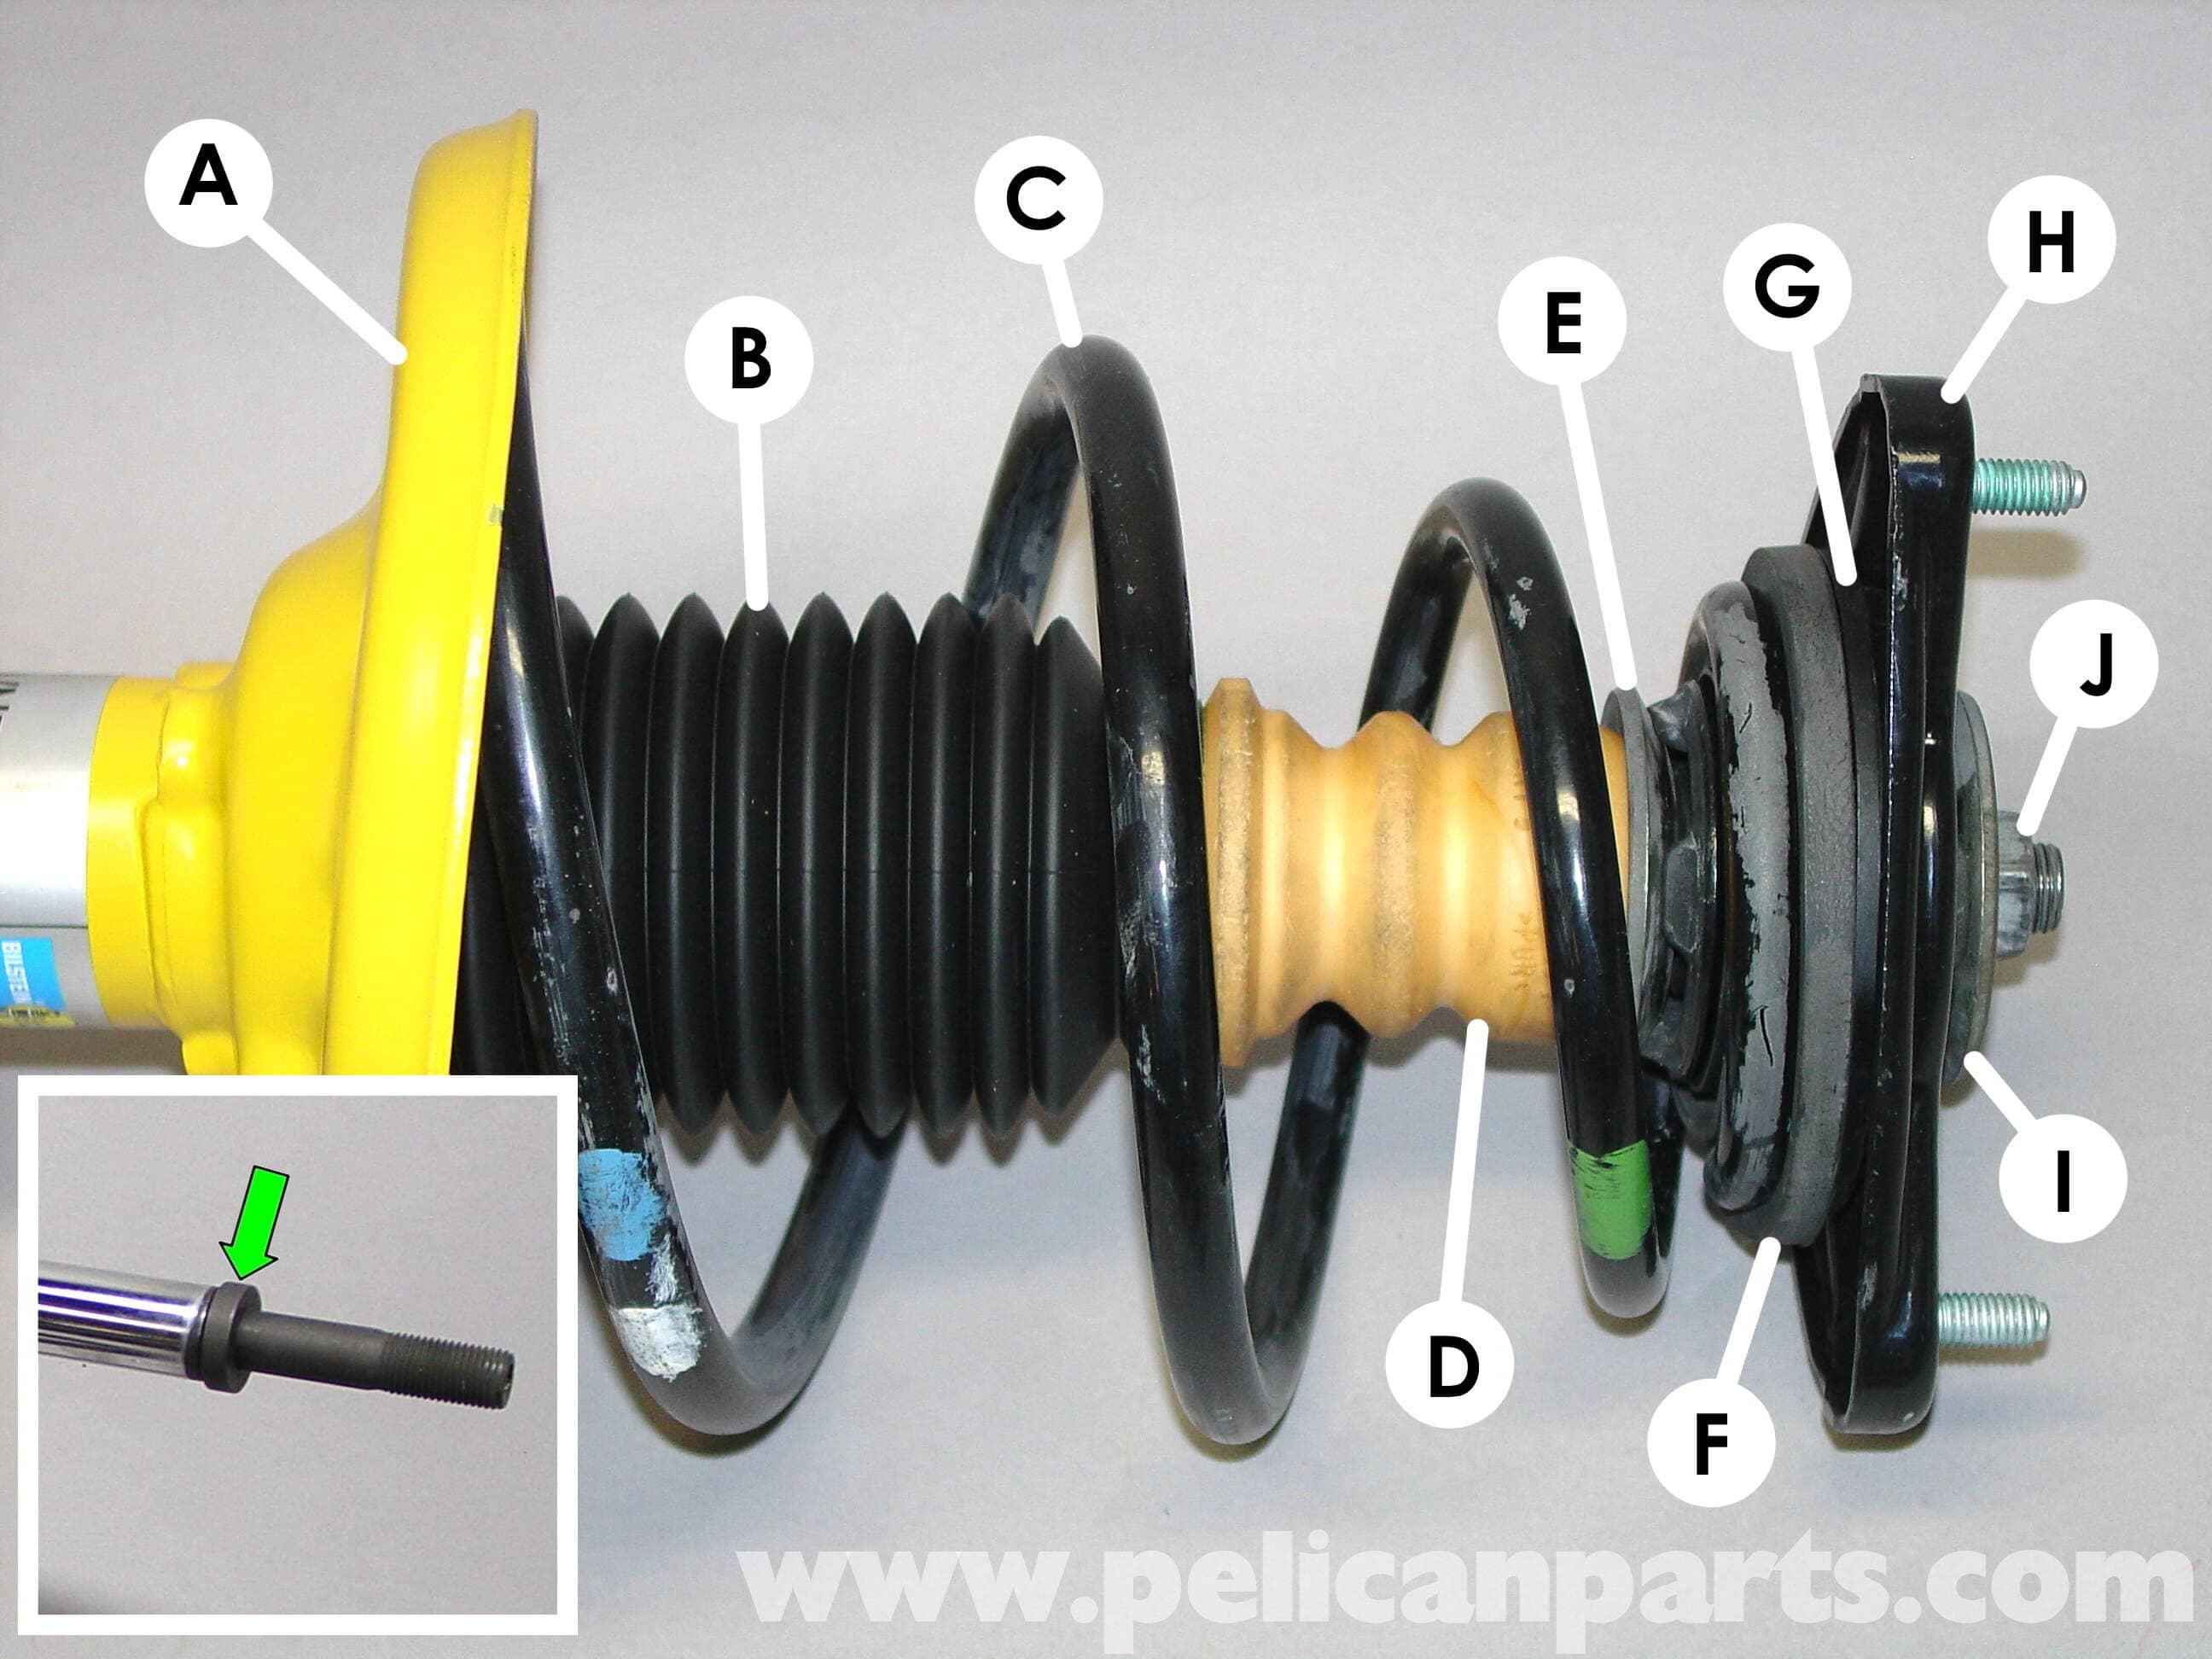 Bmw X5 Rear Suspension Parts Diagram On Bmw E39 Suspension Diagram